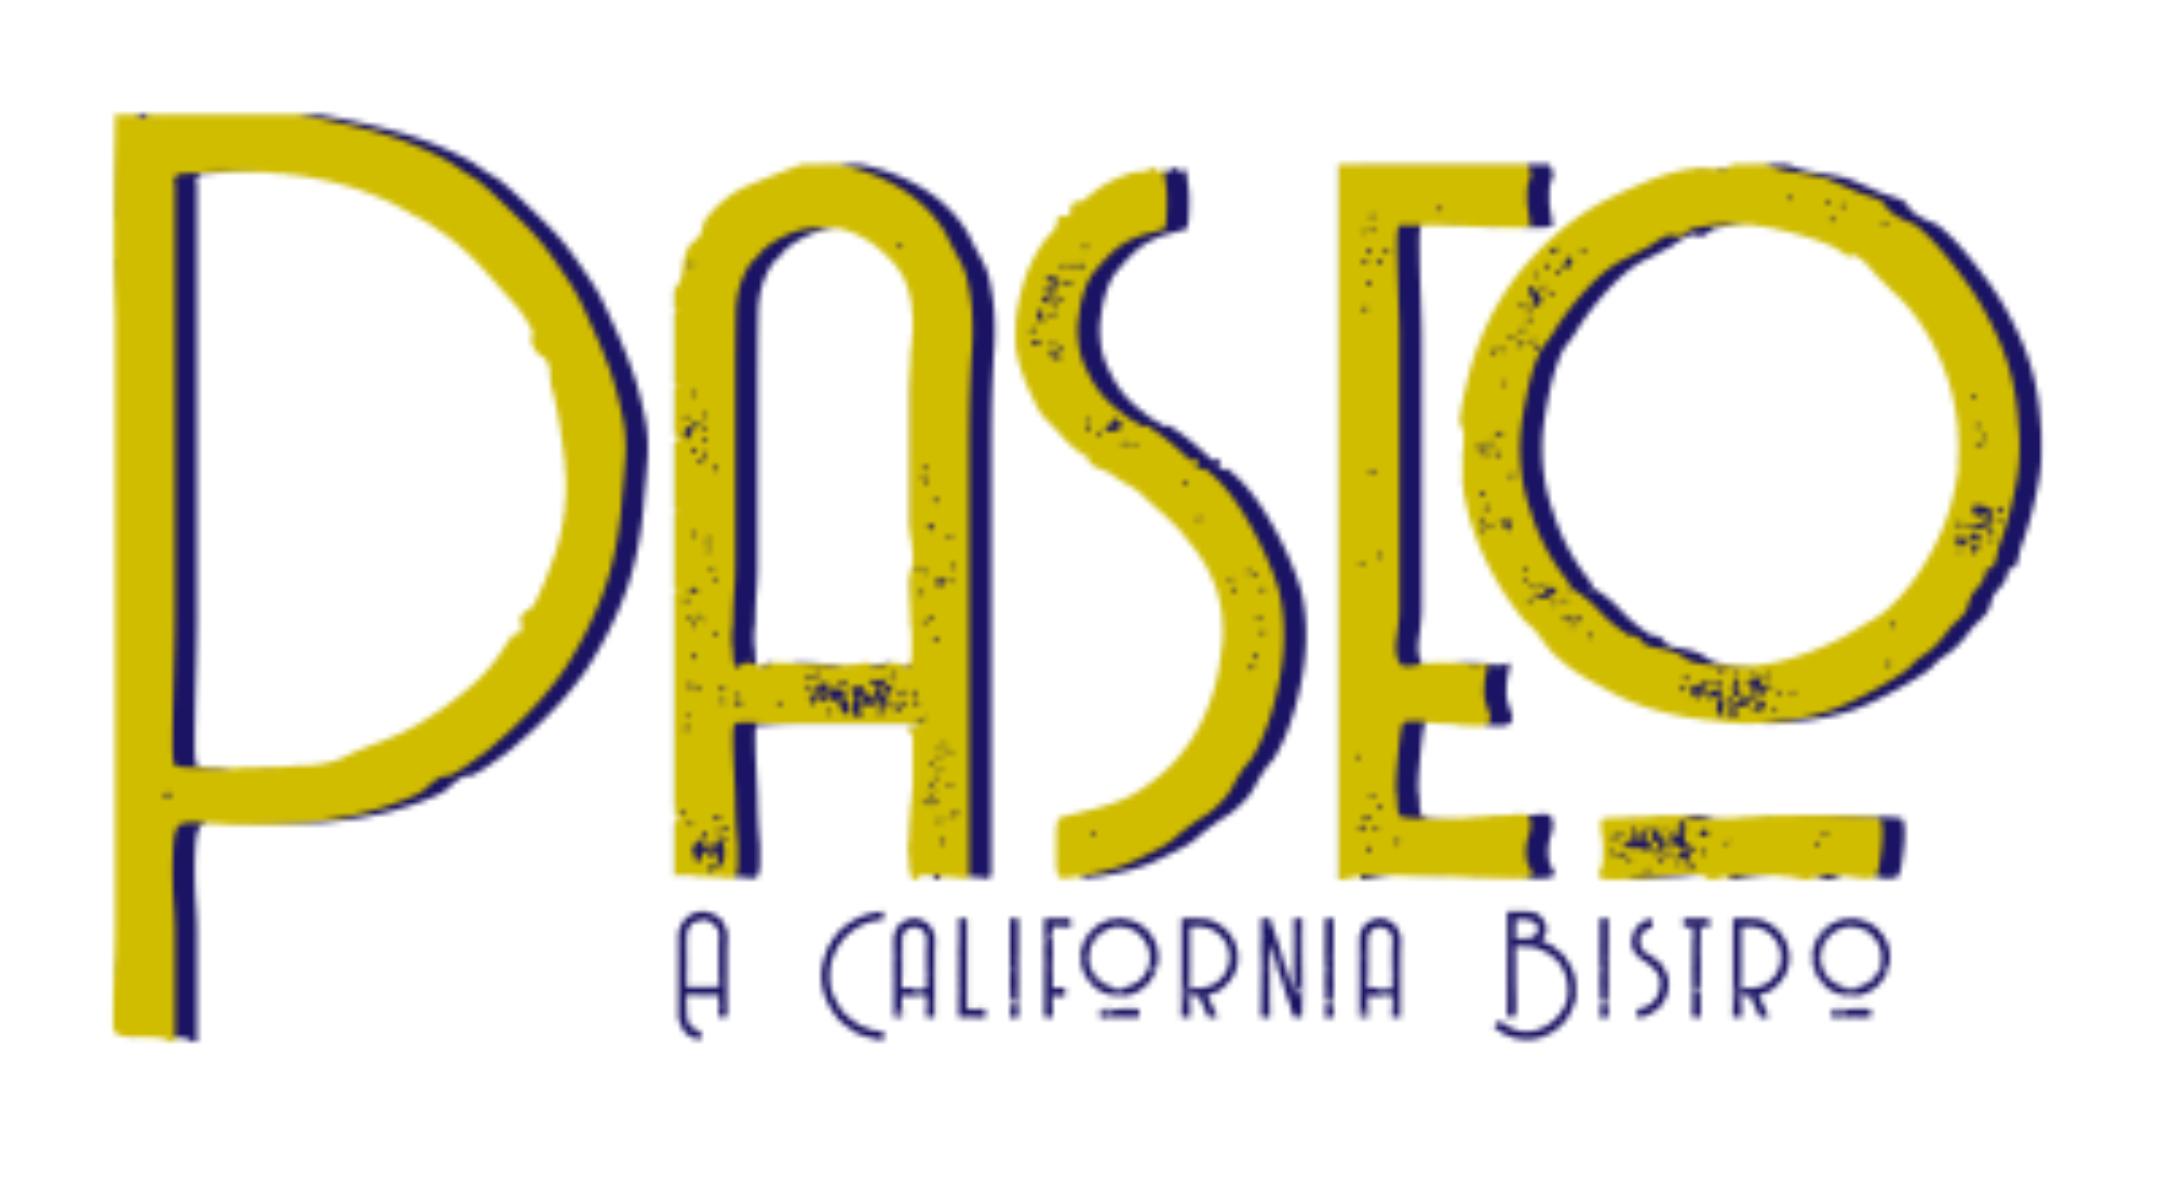 Paseo:  A California Bistro